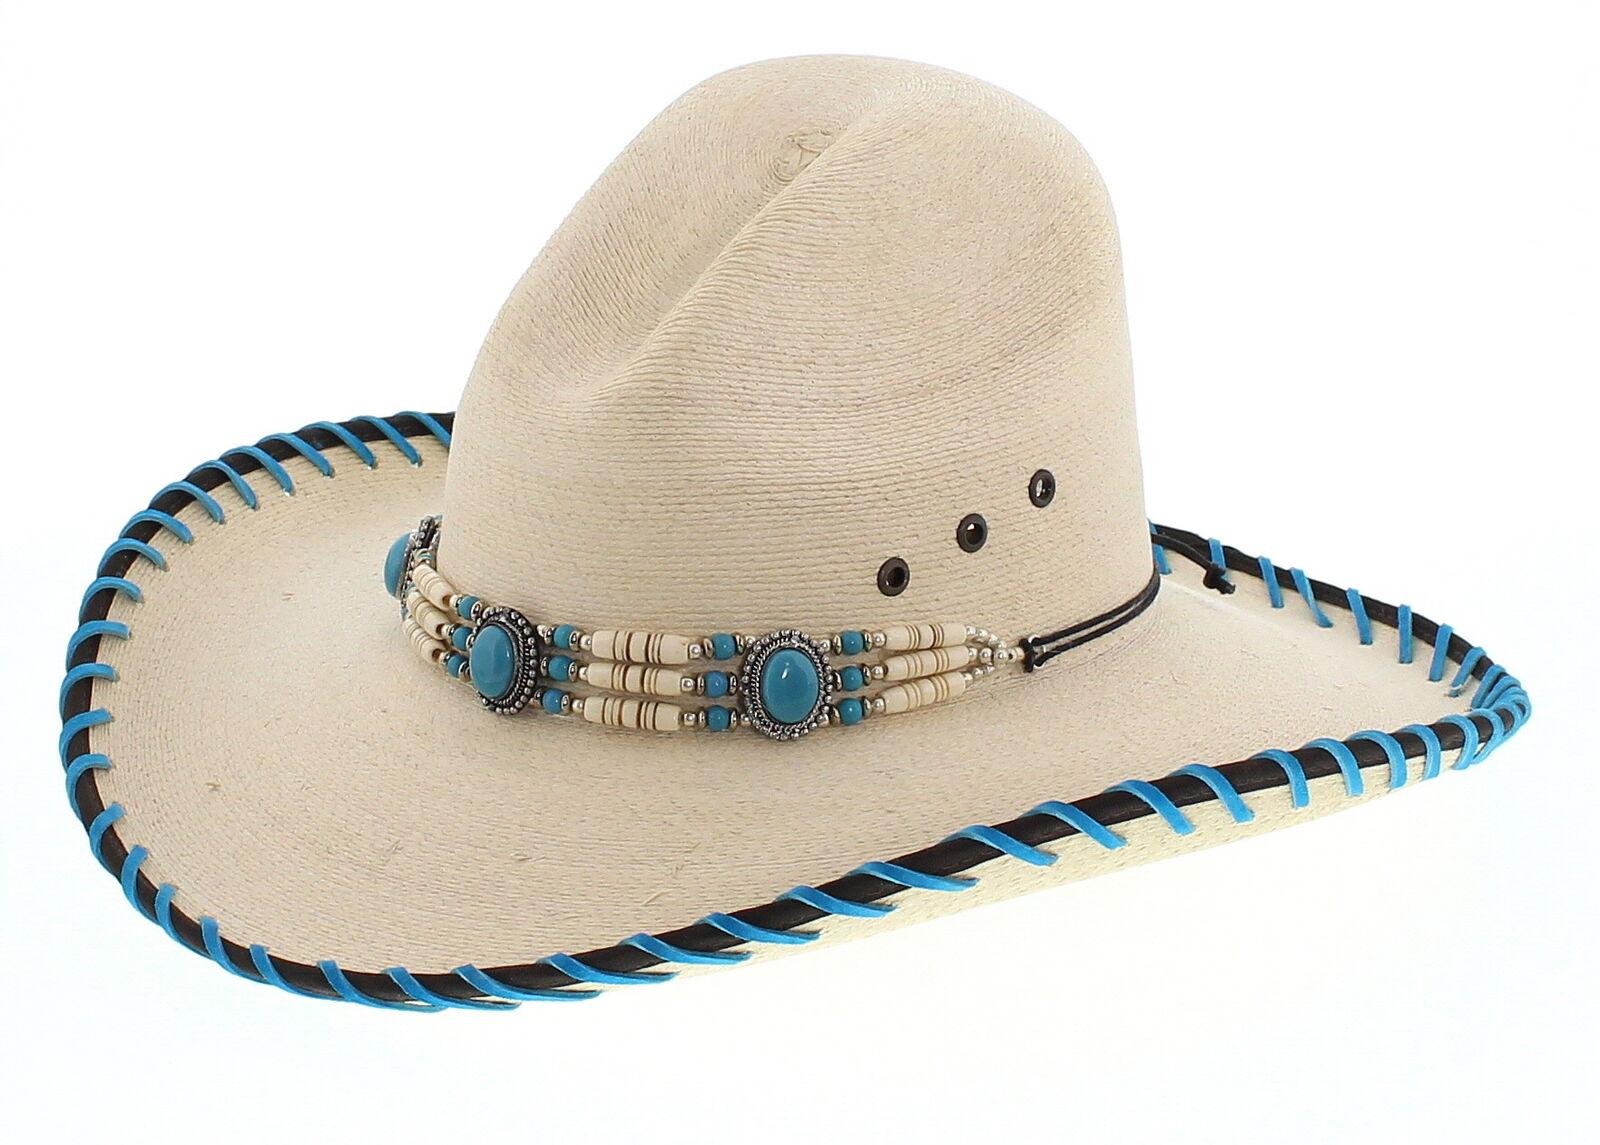 Dallas Hats Albuquerque señores sombrero vaquero